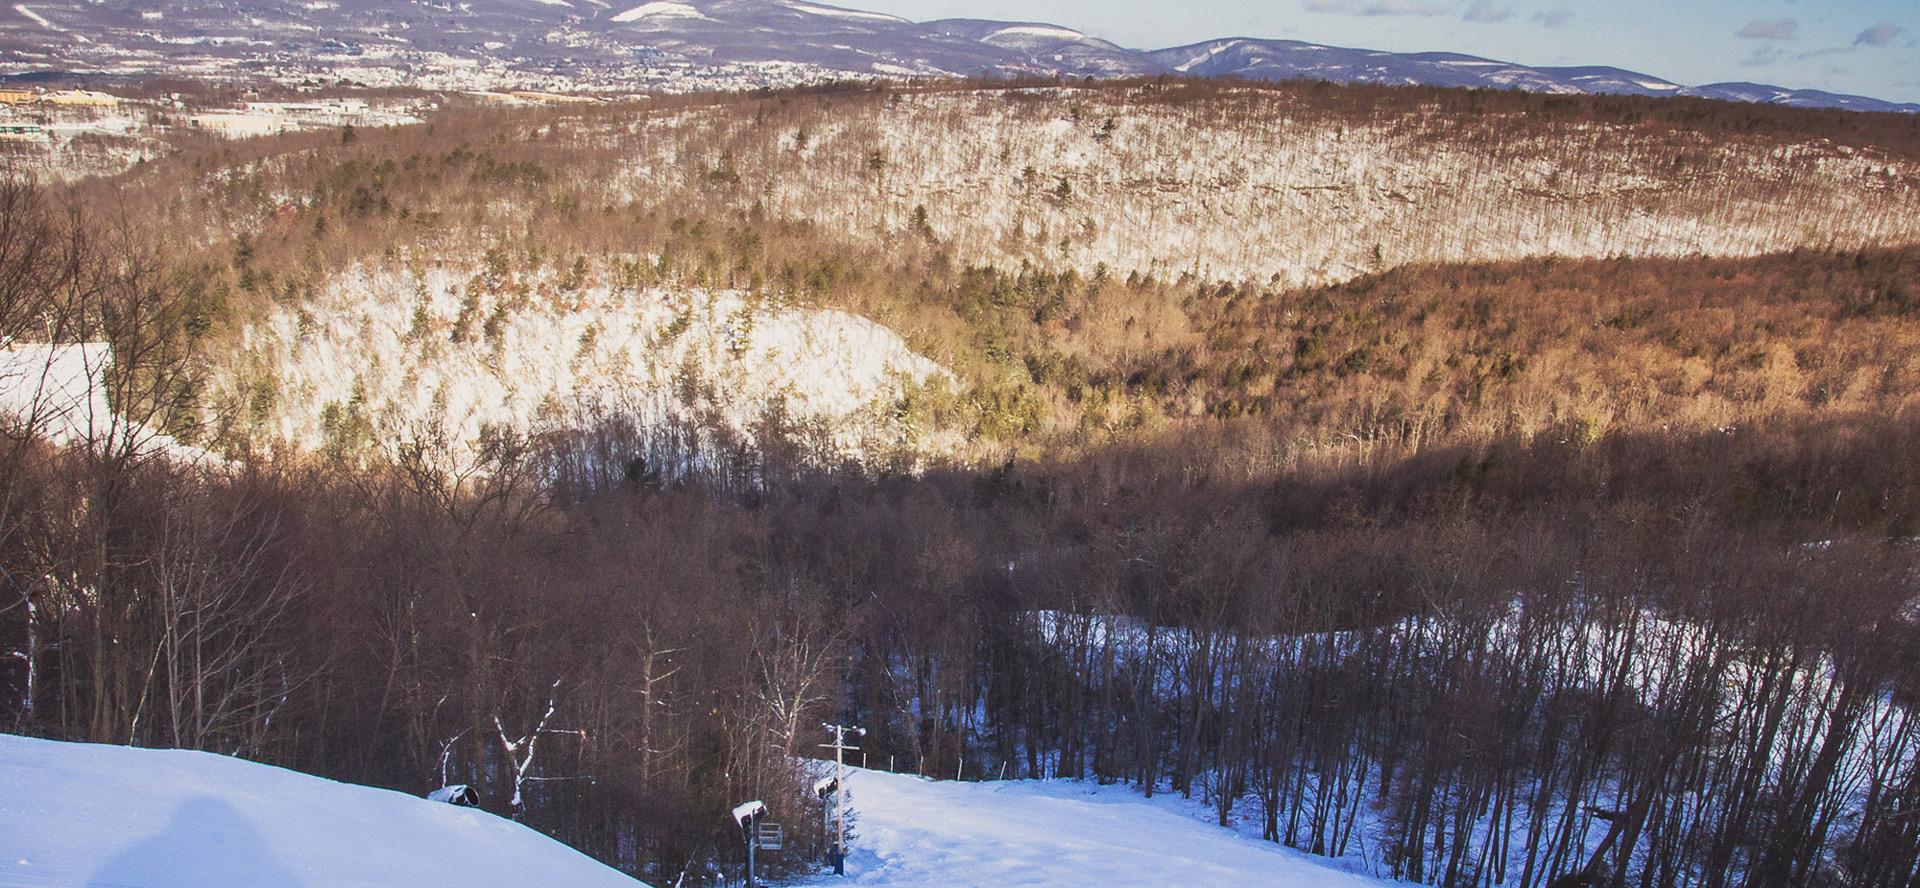 Skiing In The Poconos Trail Status Montage Mountain